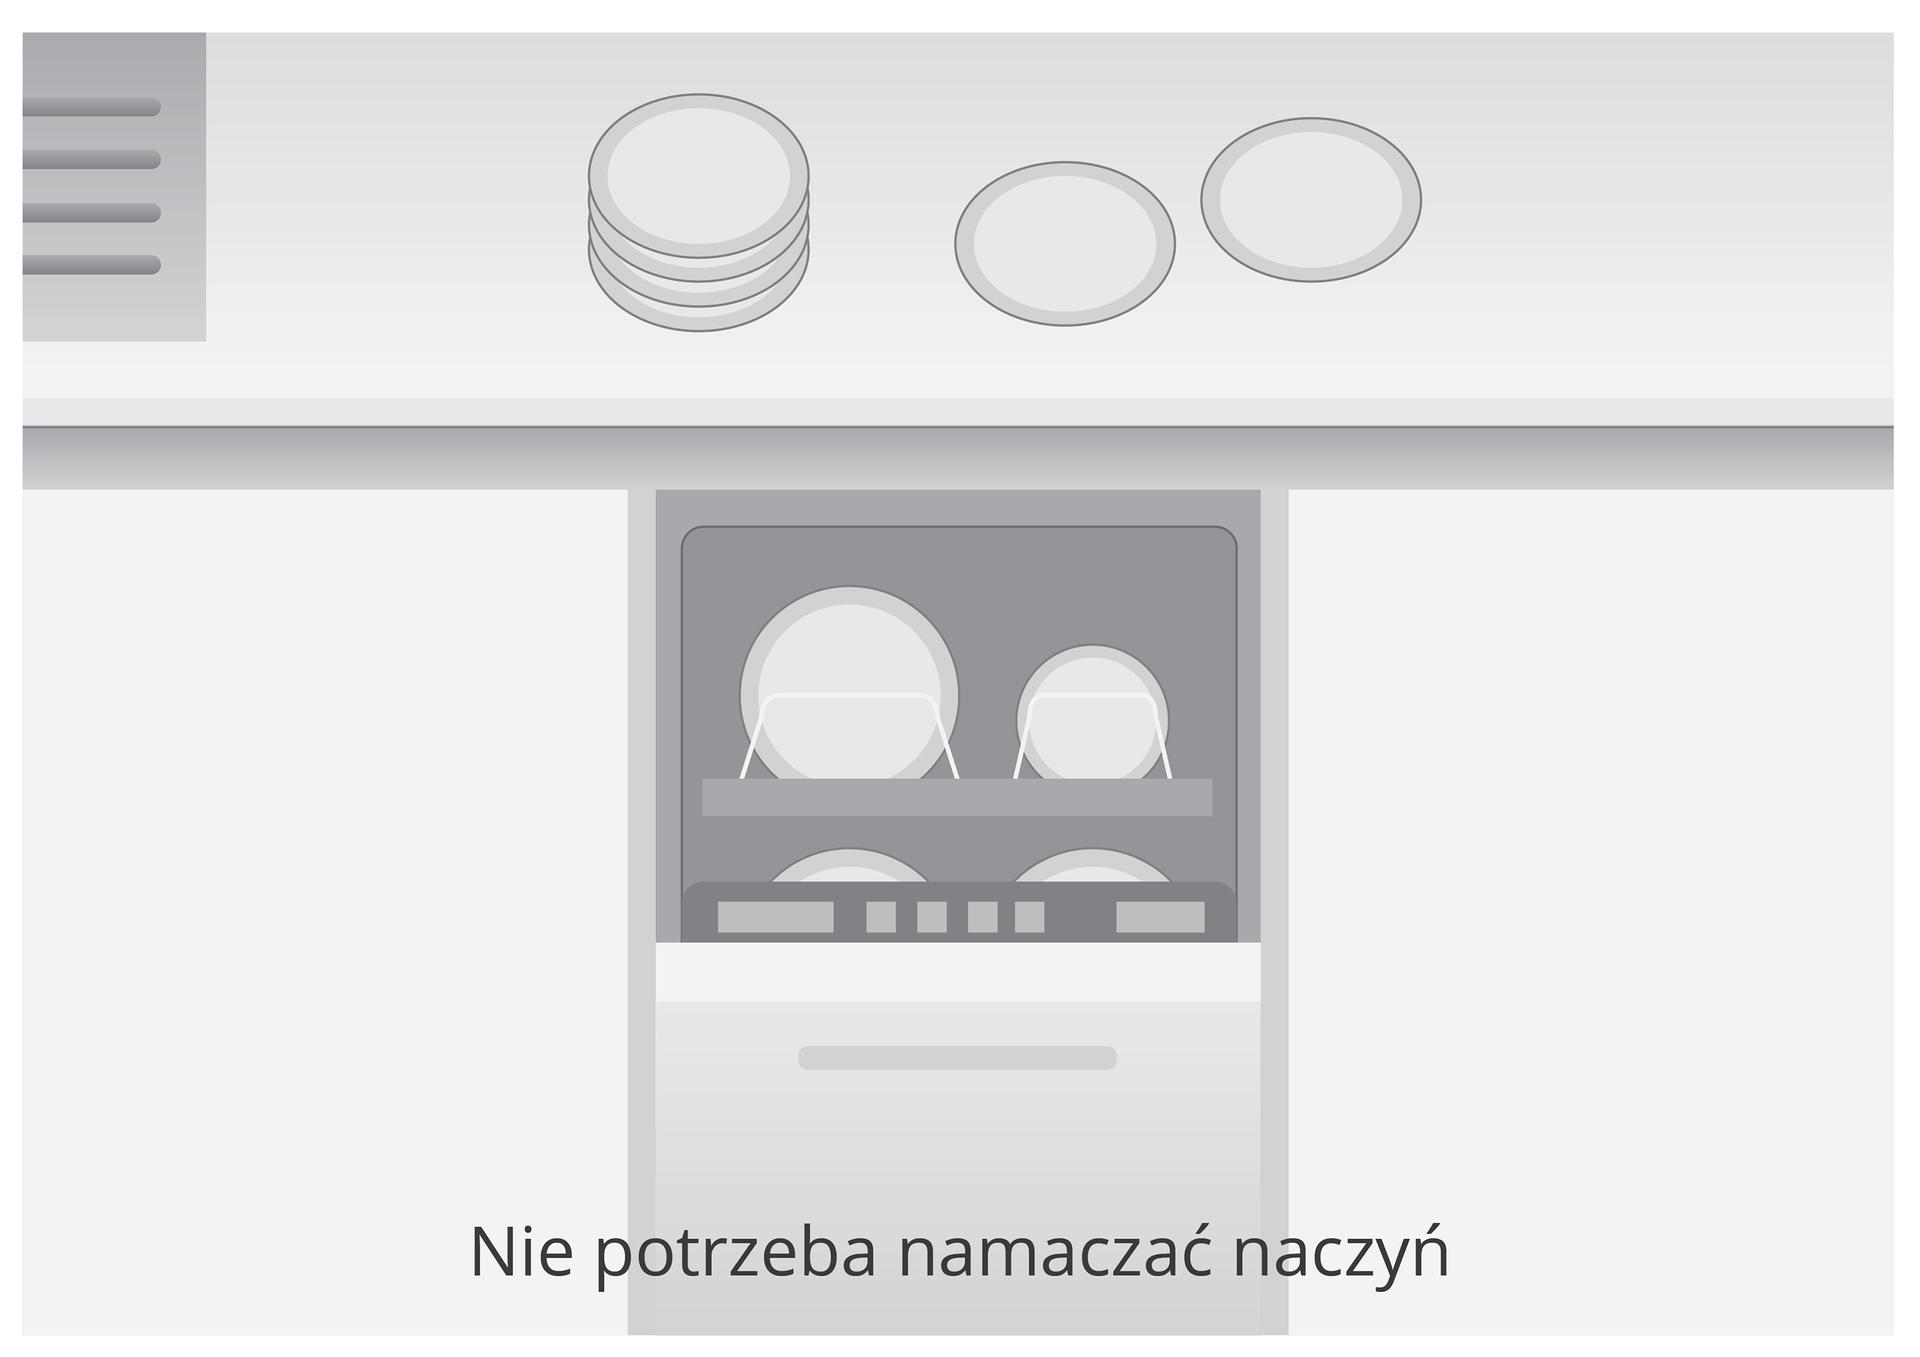 Trzecia ilustracja wgalerii. Przedstawia czarno biały rysunek fragmentu blatu kuchennego wraz zszafkami pod blatem iotwartą zmywarką do naczyń. Na blacie iwzmywarce widać talerze. Napis na obrazku głosi: Nie potrzeba namaczać naczyń.